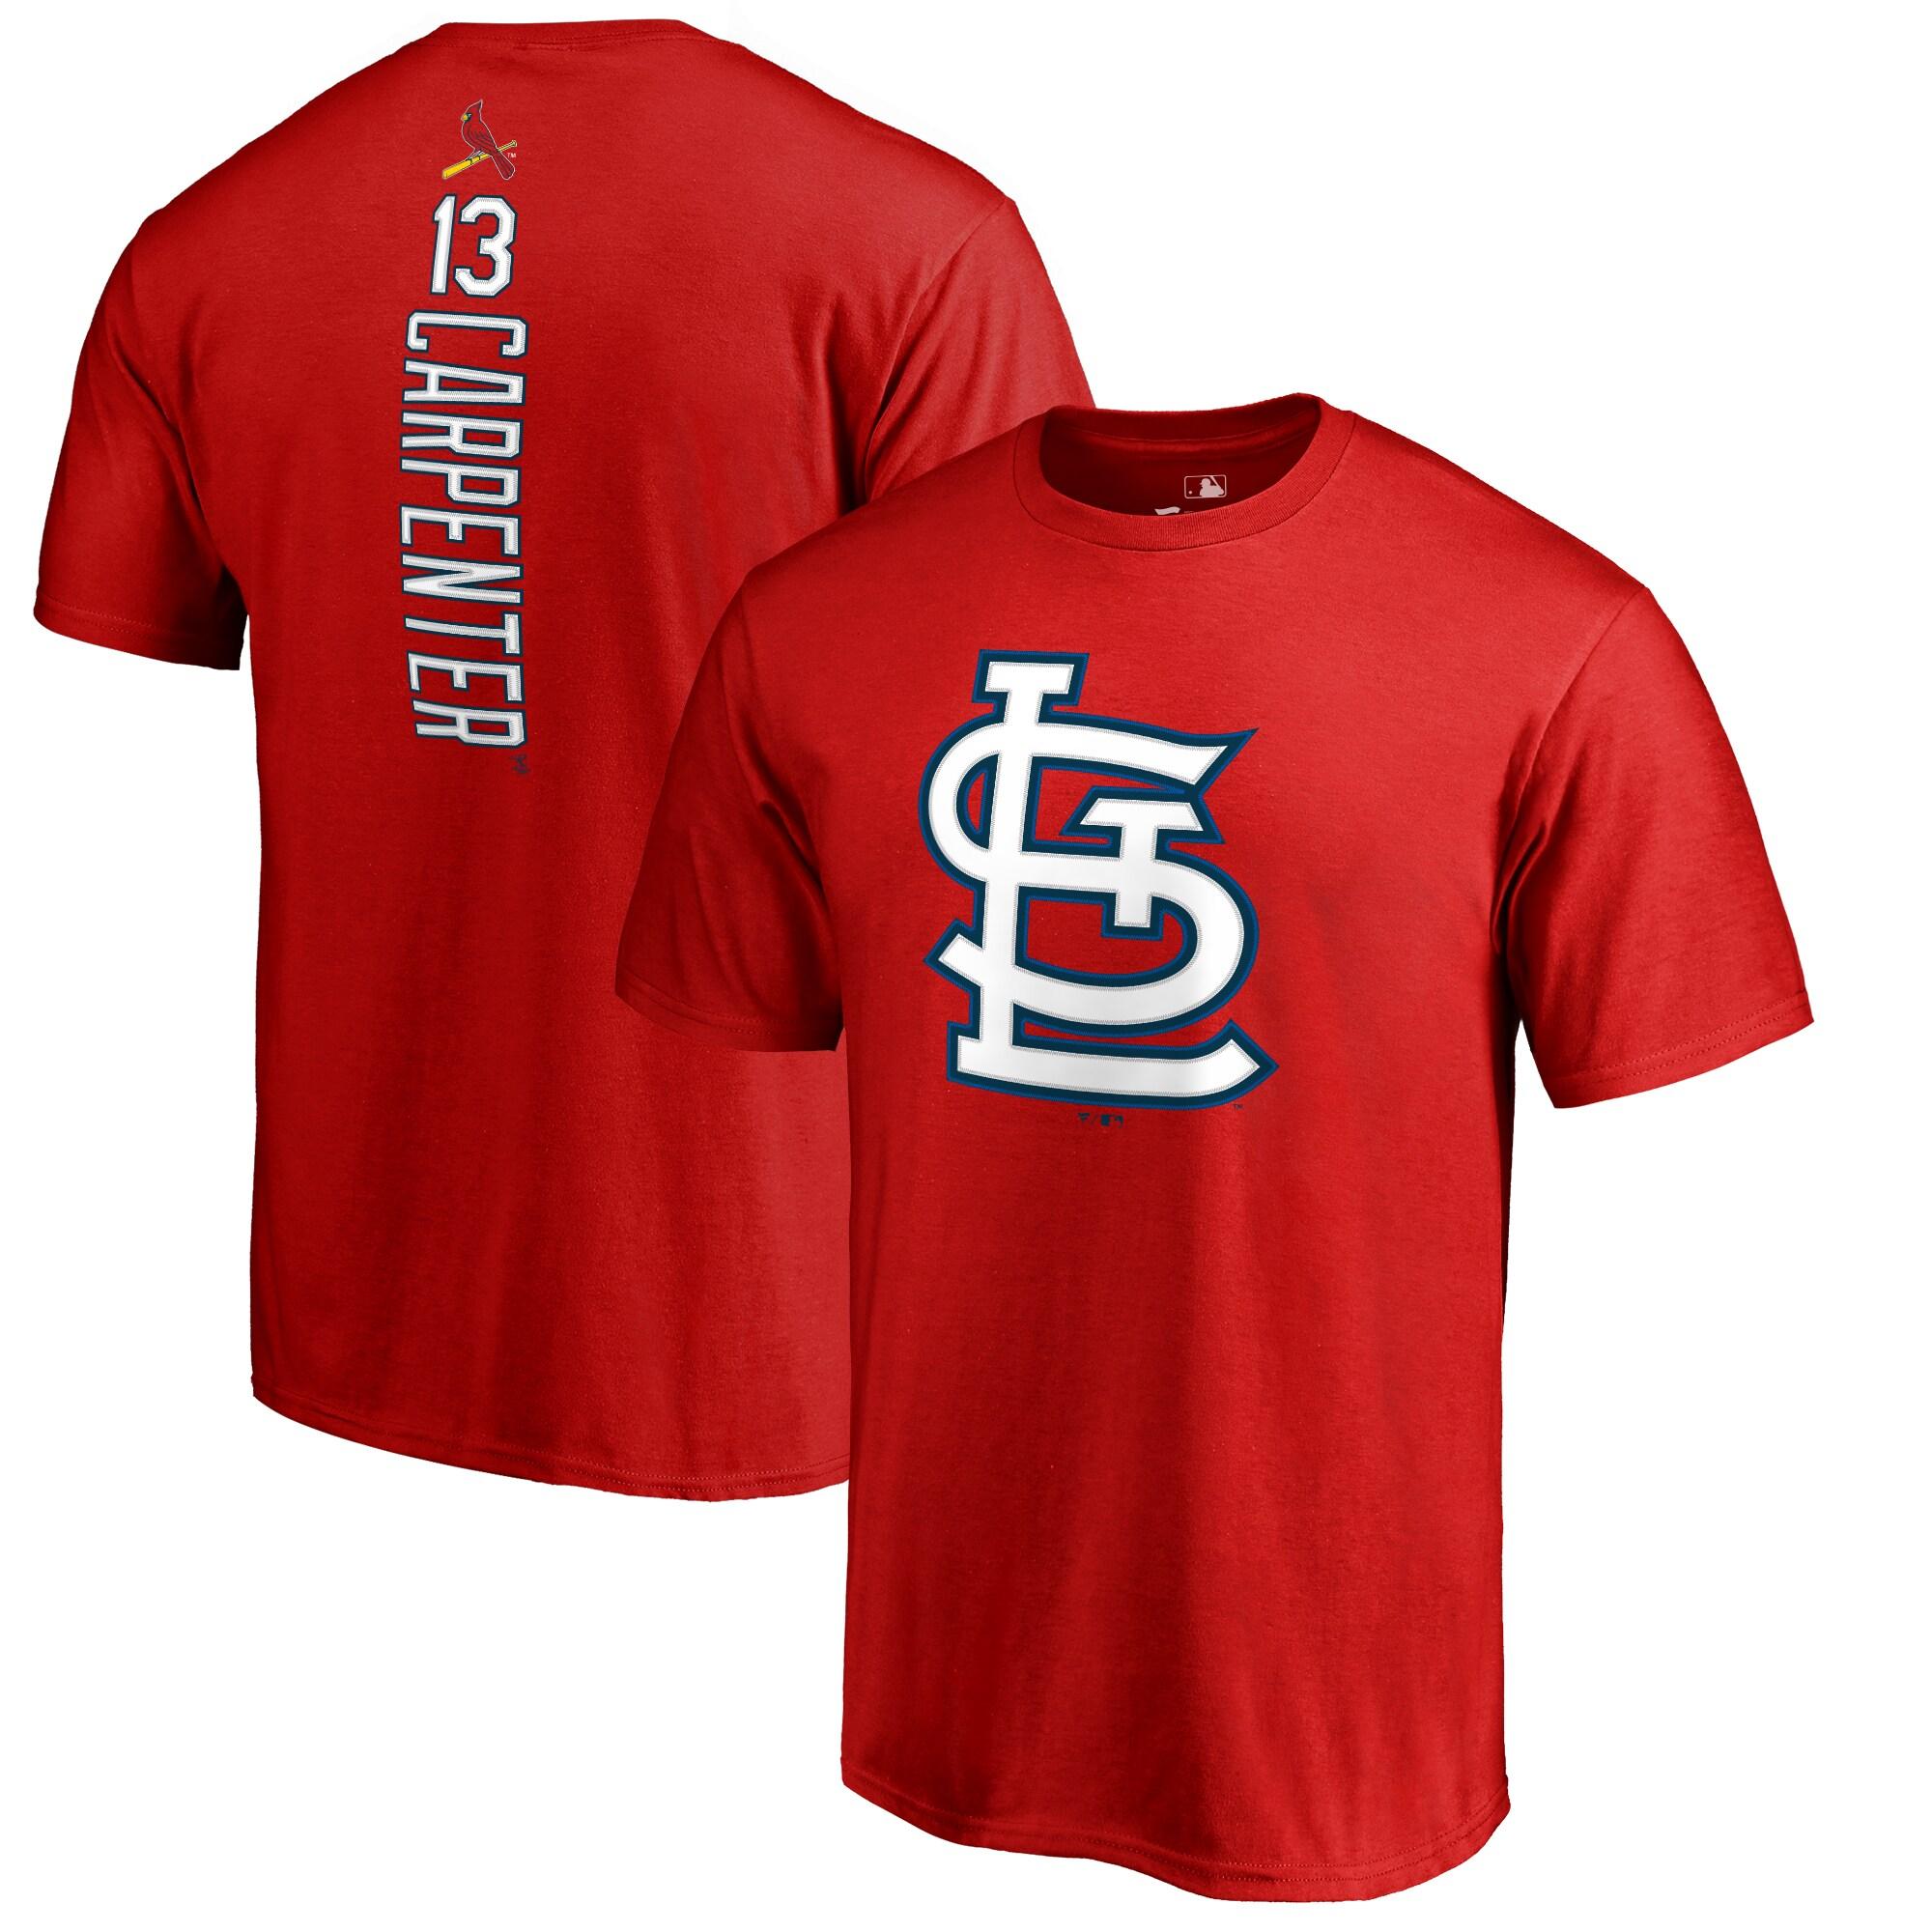 Matt Carpenter St. Louis Cardinals Backer T-Shirt - Red